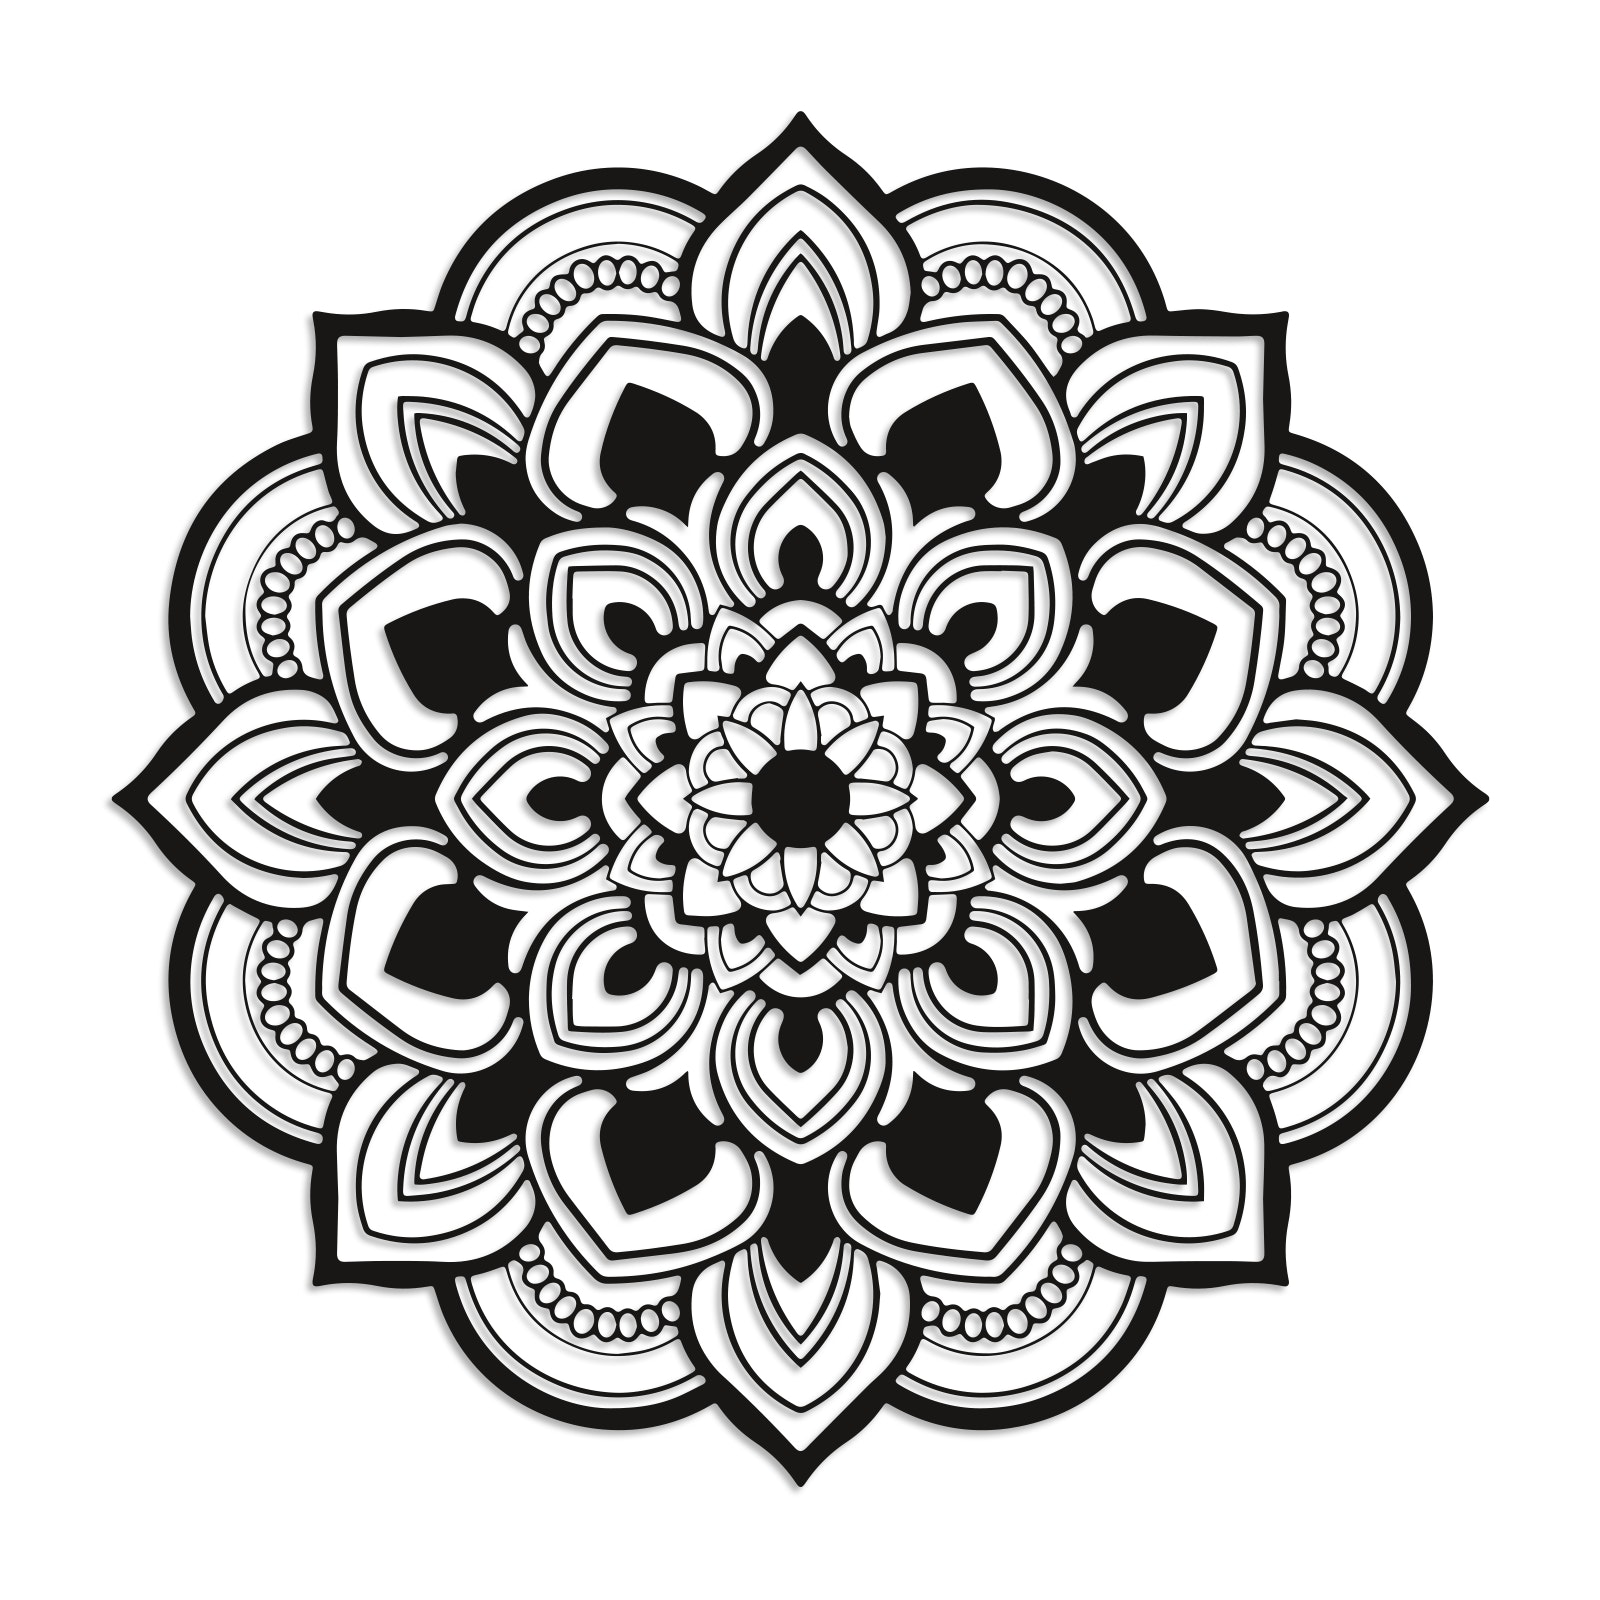 Geometrisches Mandala-Wandbild (rund) in schwarz